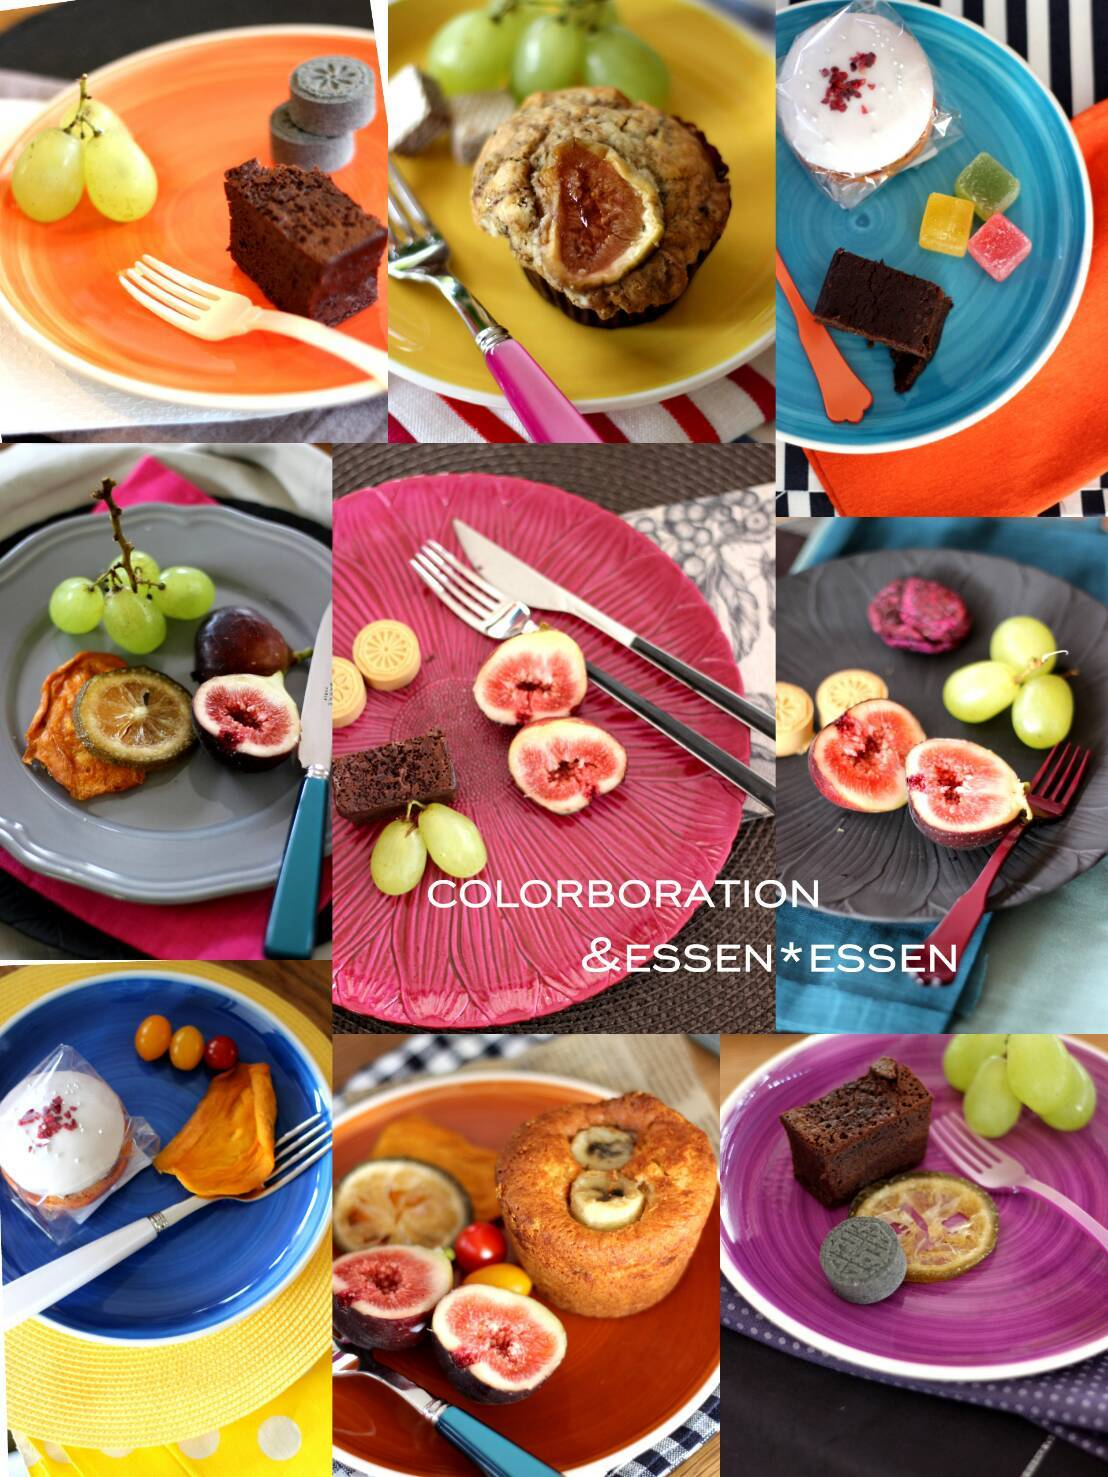 食とカラーのコラボレッスン_b0225758_21565391.jpg